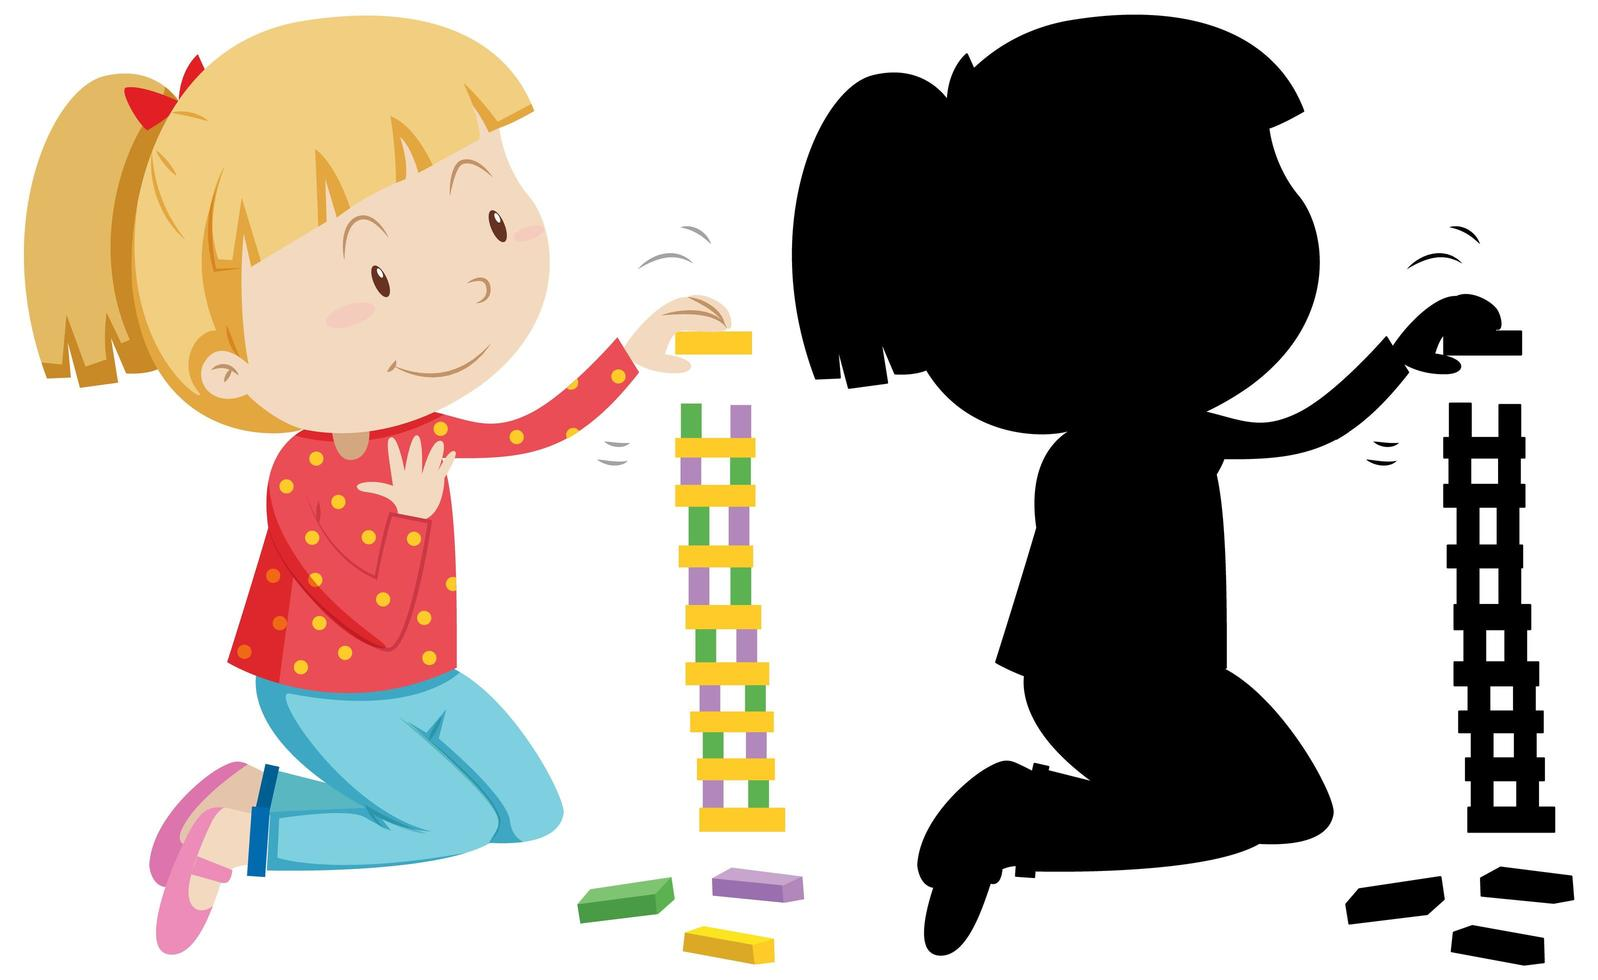 fille jouant avec des blocs et silhouette vecteur